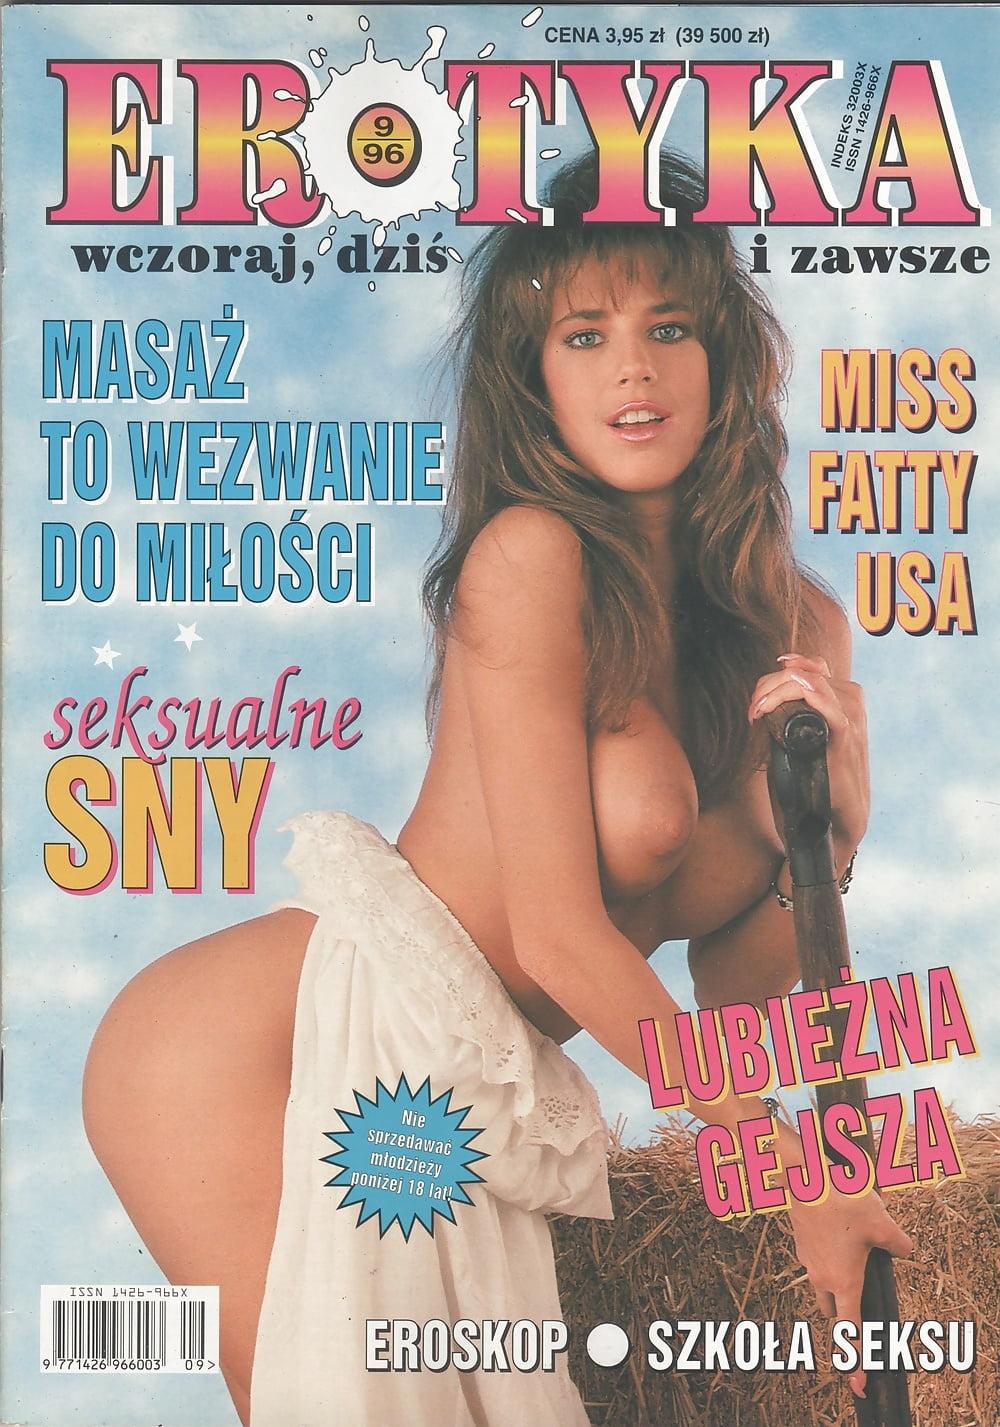 Фото эротика польских журналов — 8